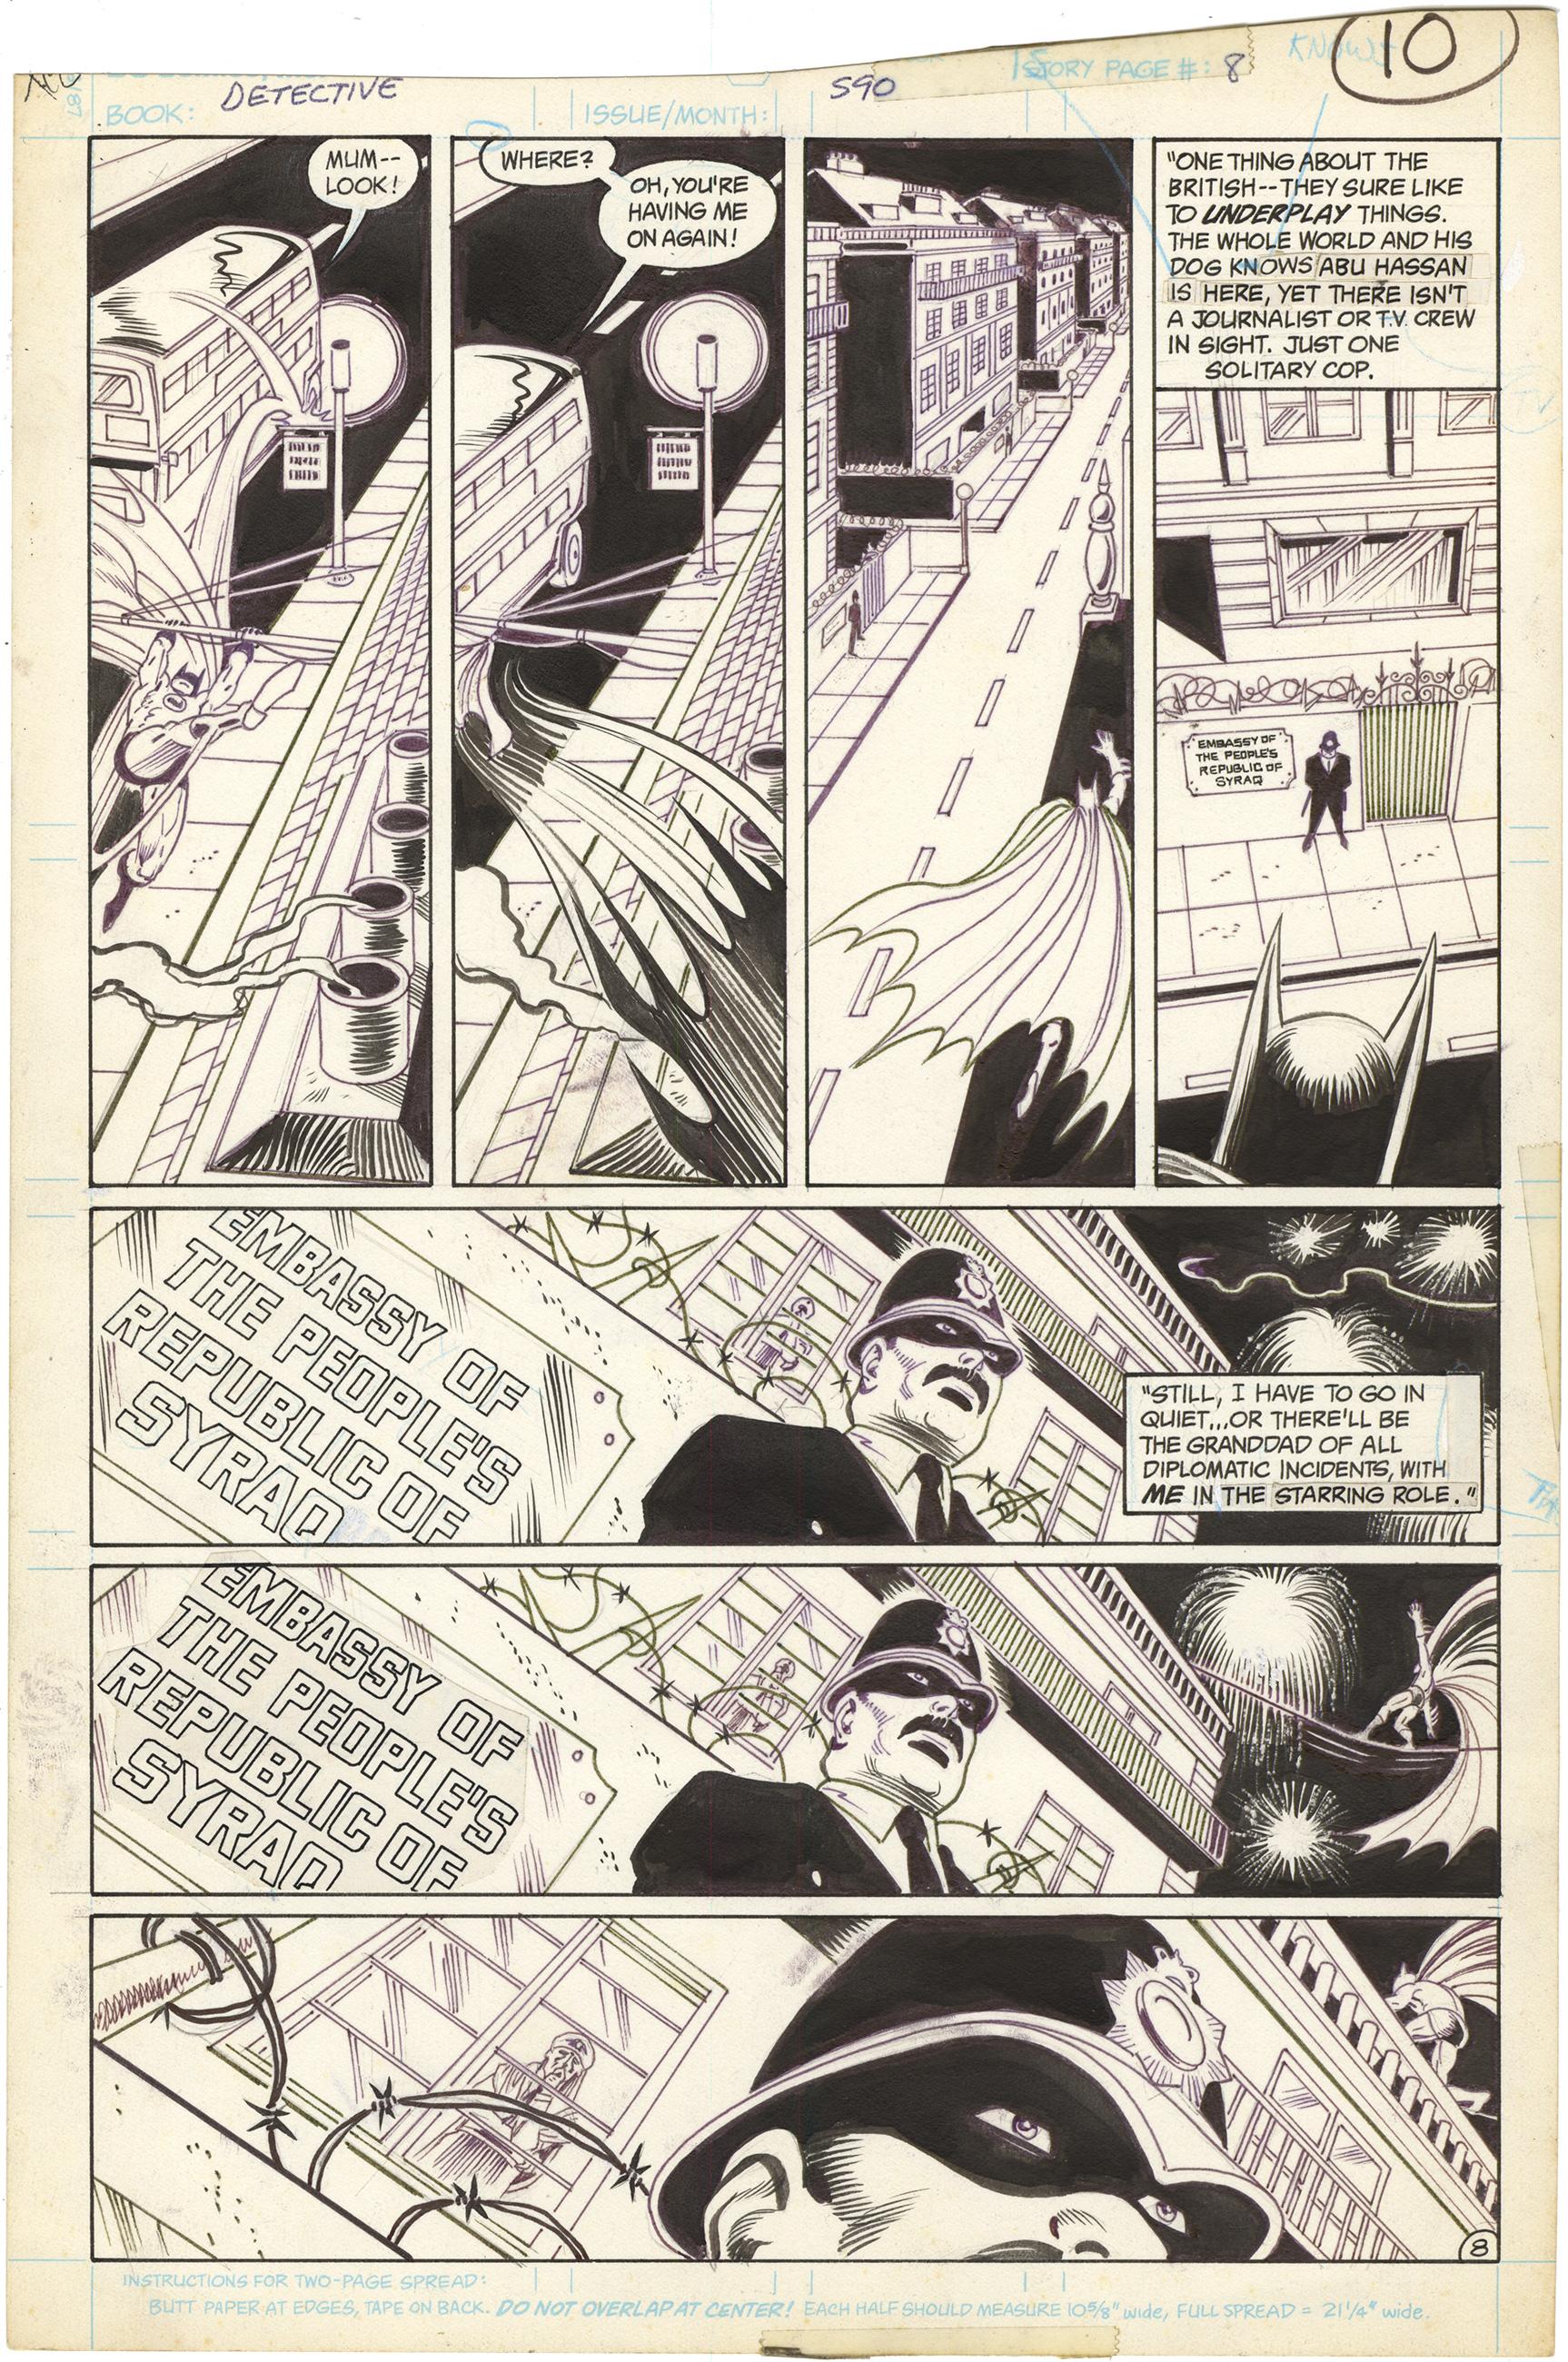 Detective Comics #590 p8